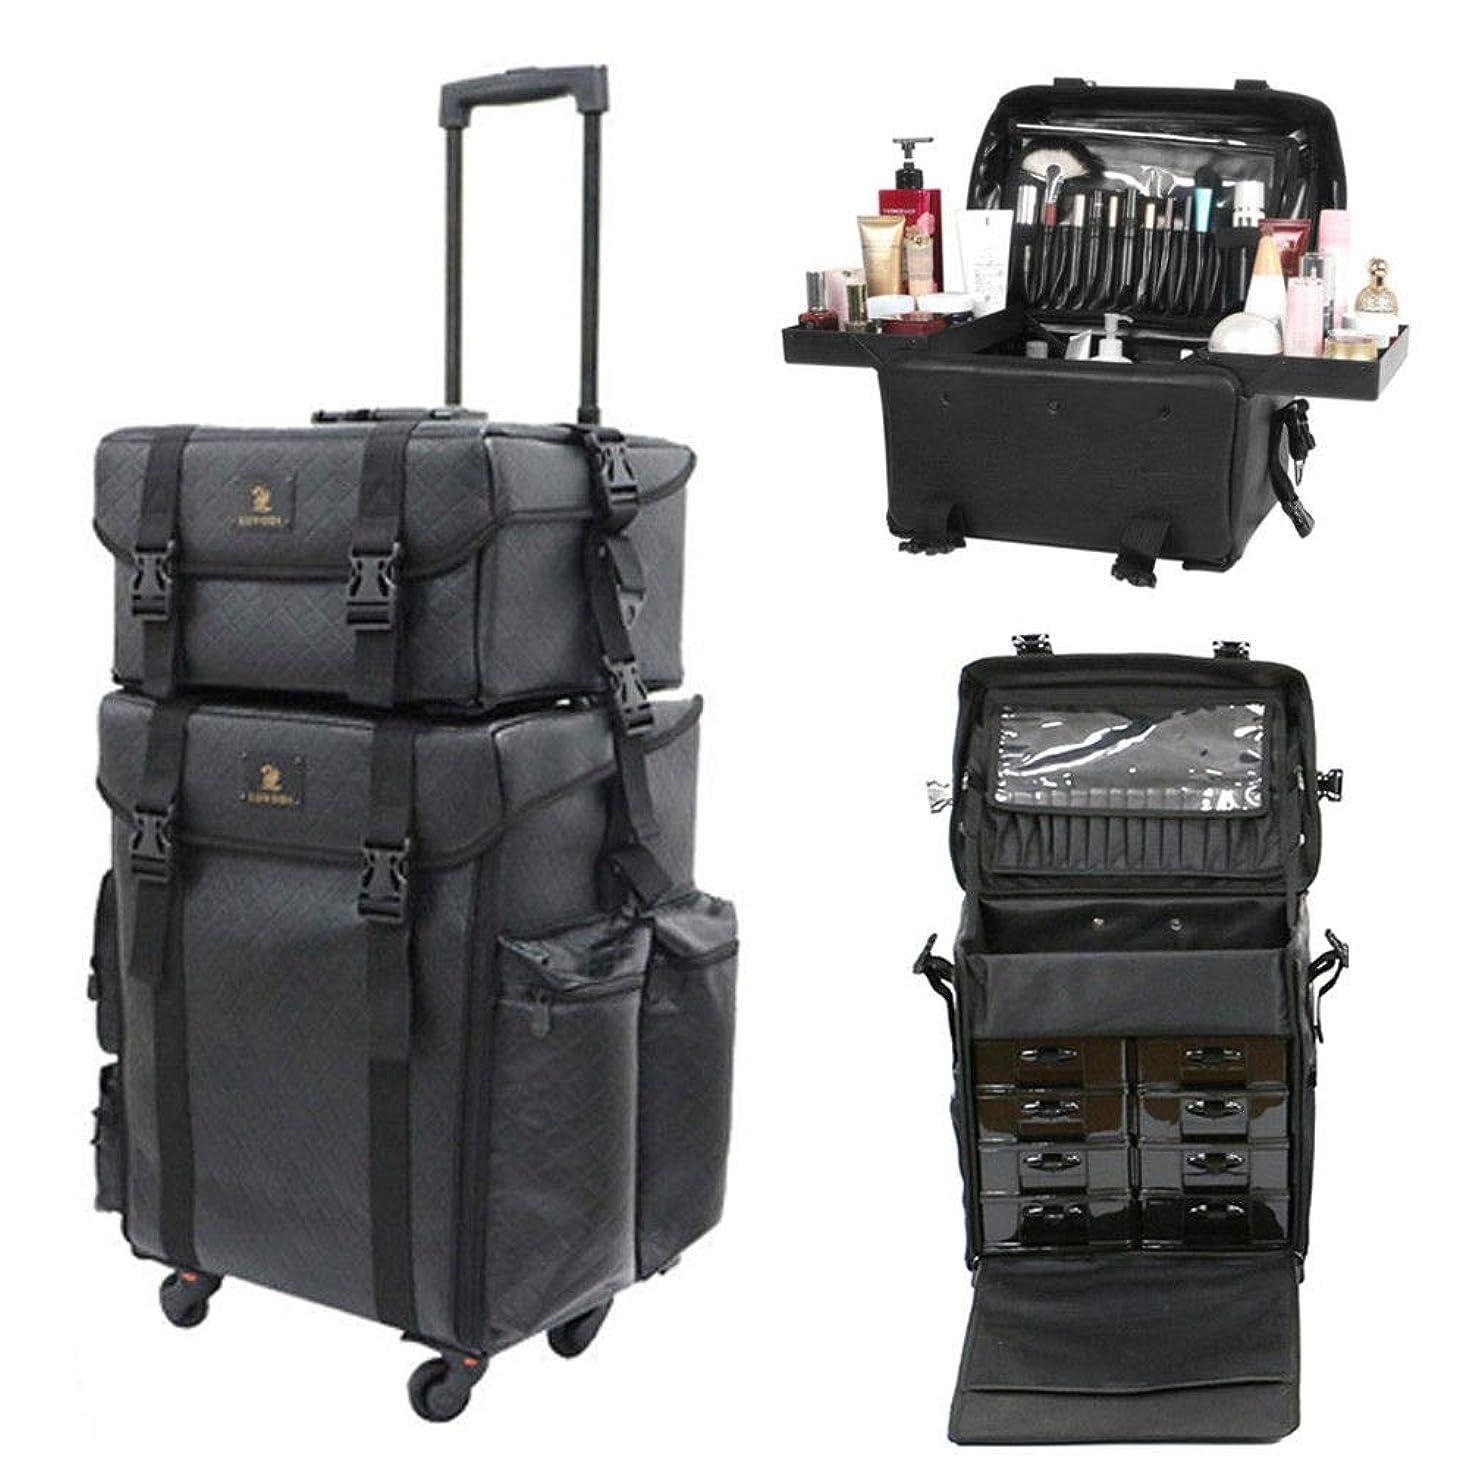 のヒープ被るビルマLUVODI メイクボックス 大容量 プロ コスメボックス 旅行 引き出し 化粧品収納 メイクキャリーケース 化粧箱 持ち運び 防水 レザー 黒